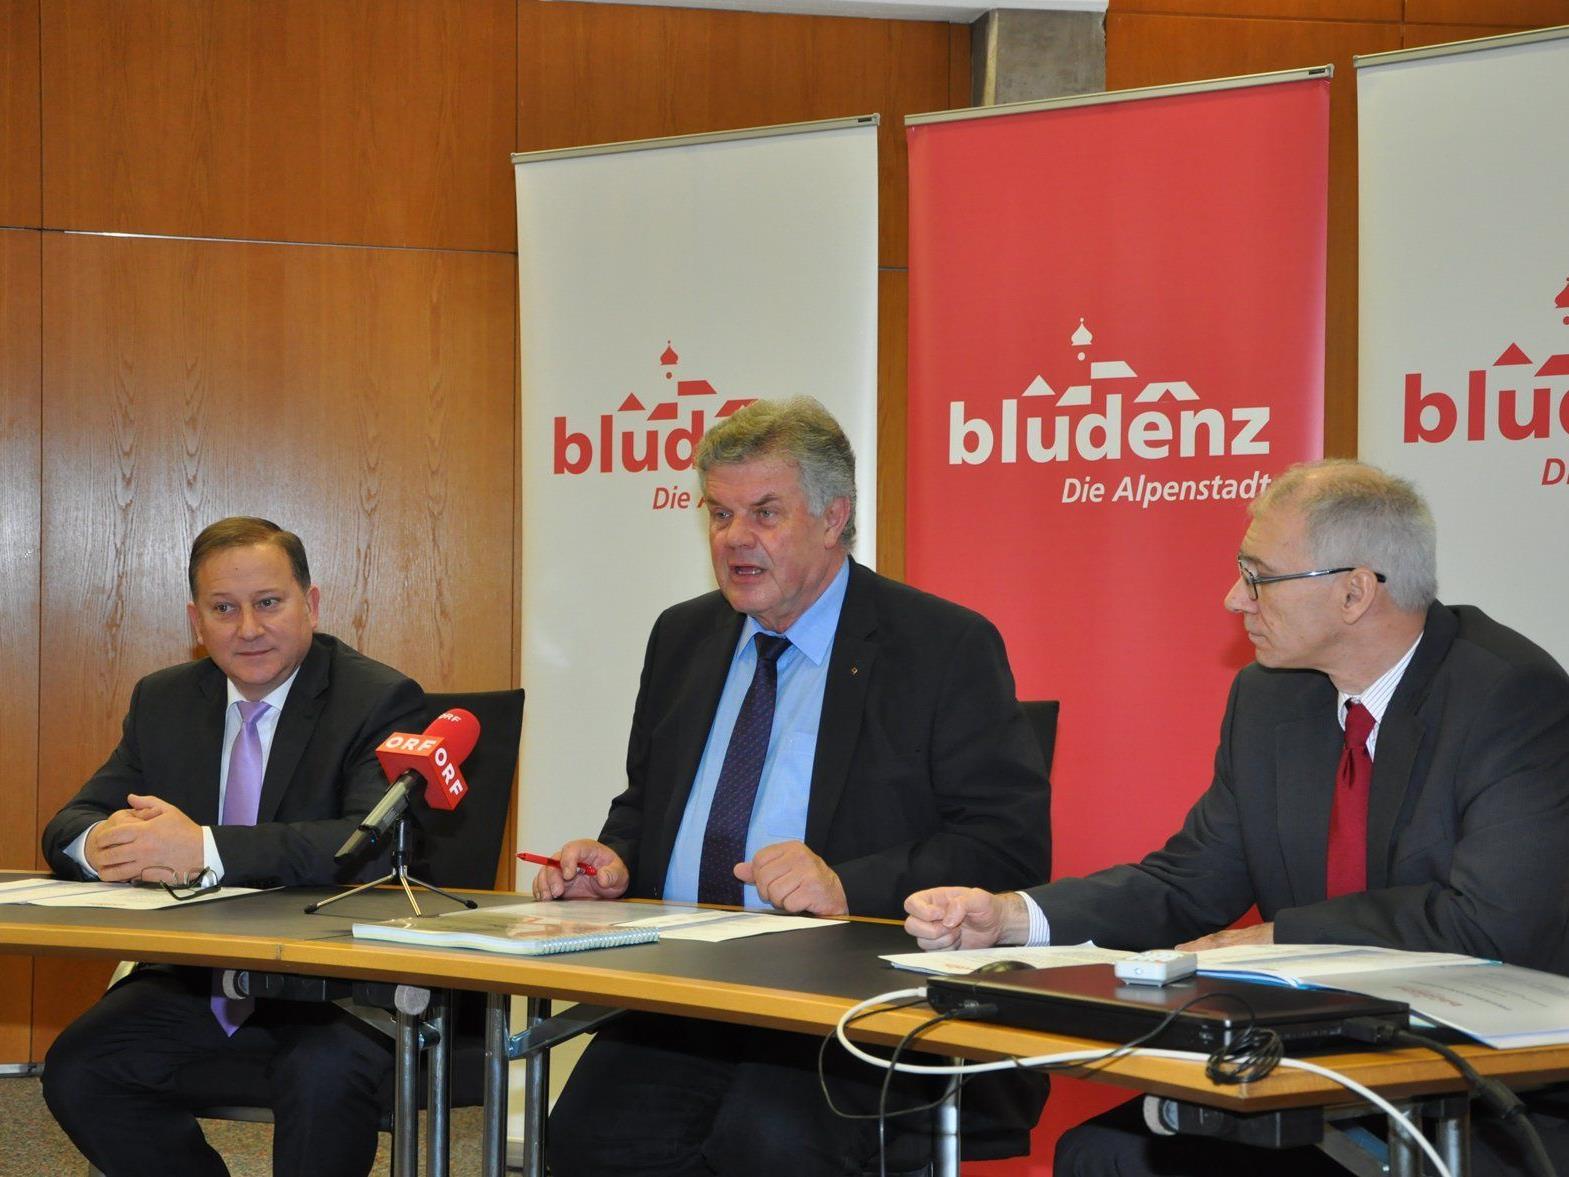 Am Mittwoch wurde das neue Budget der Stadt Bludenz für 2015 vorgestellt.